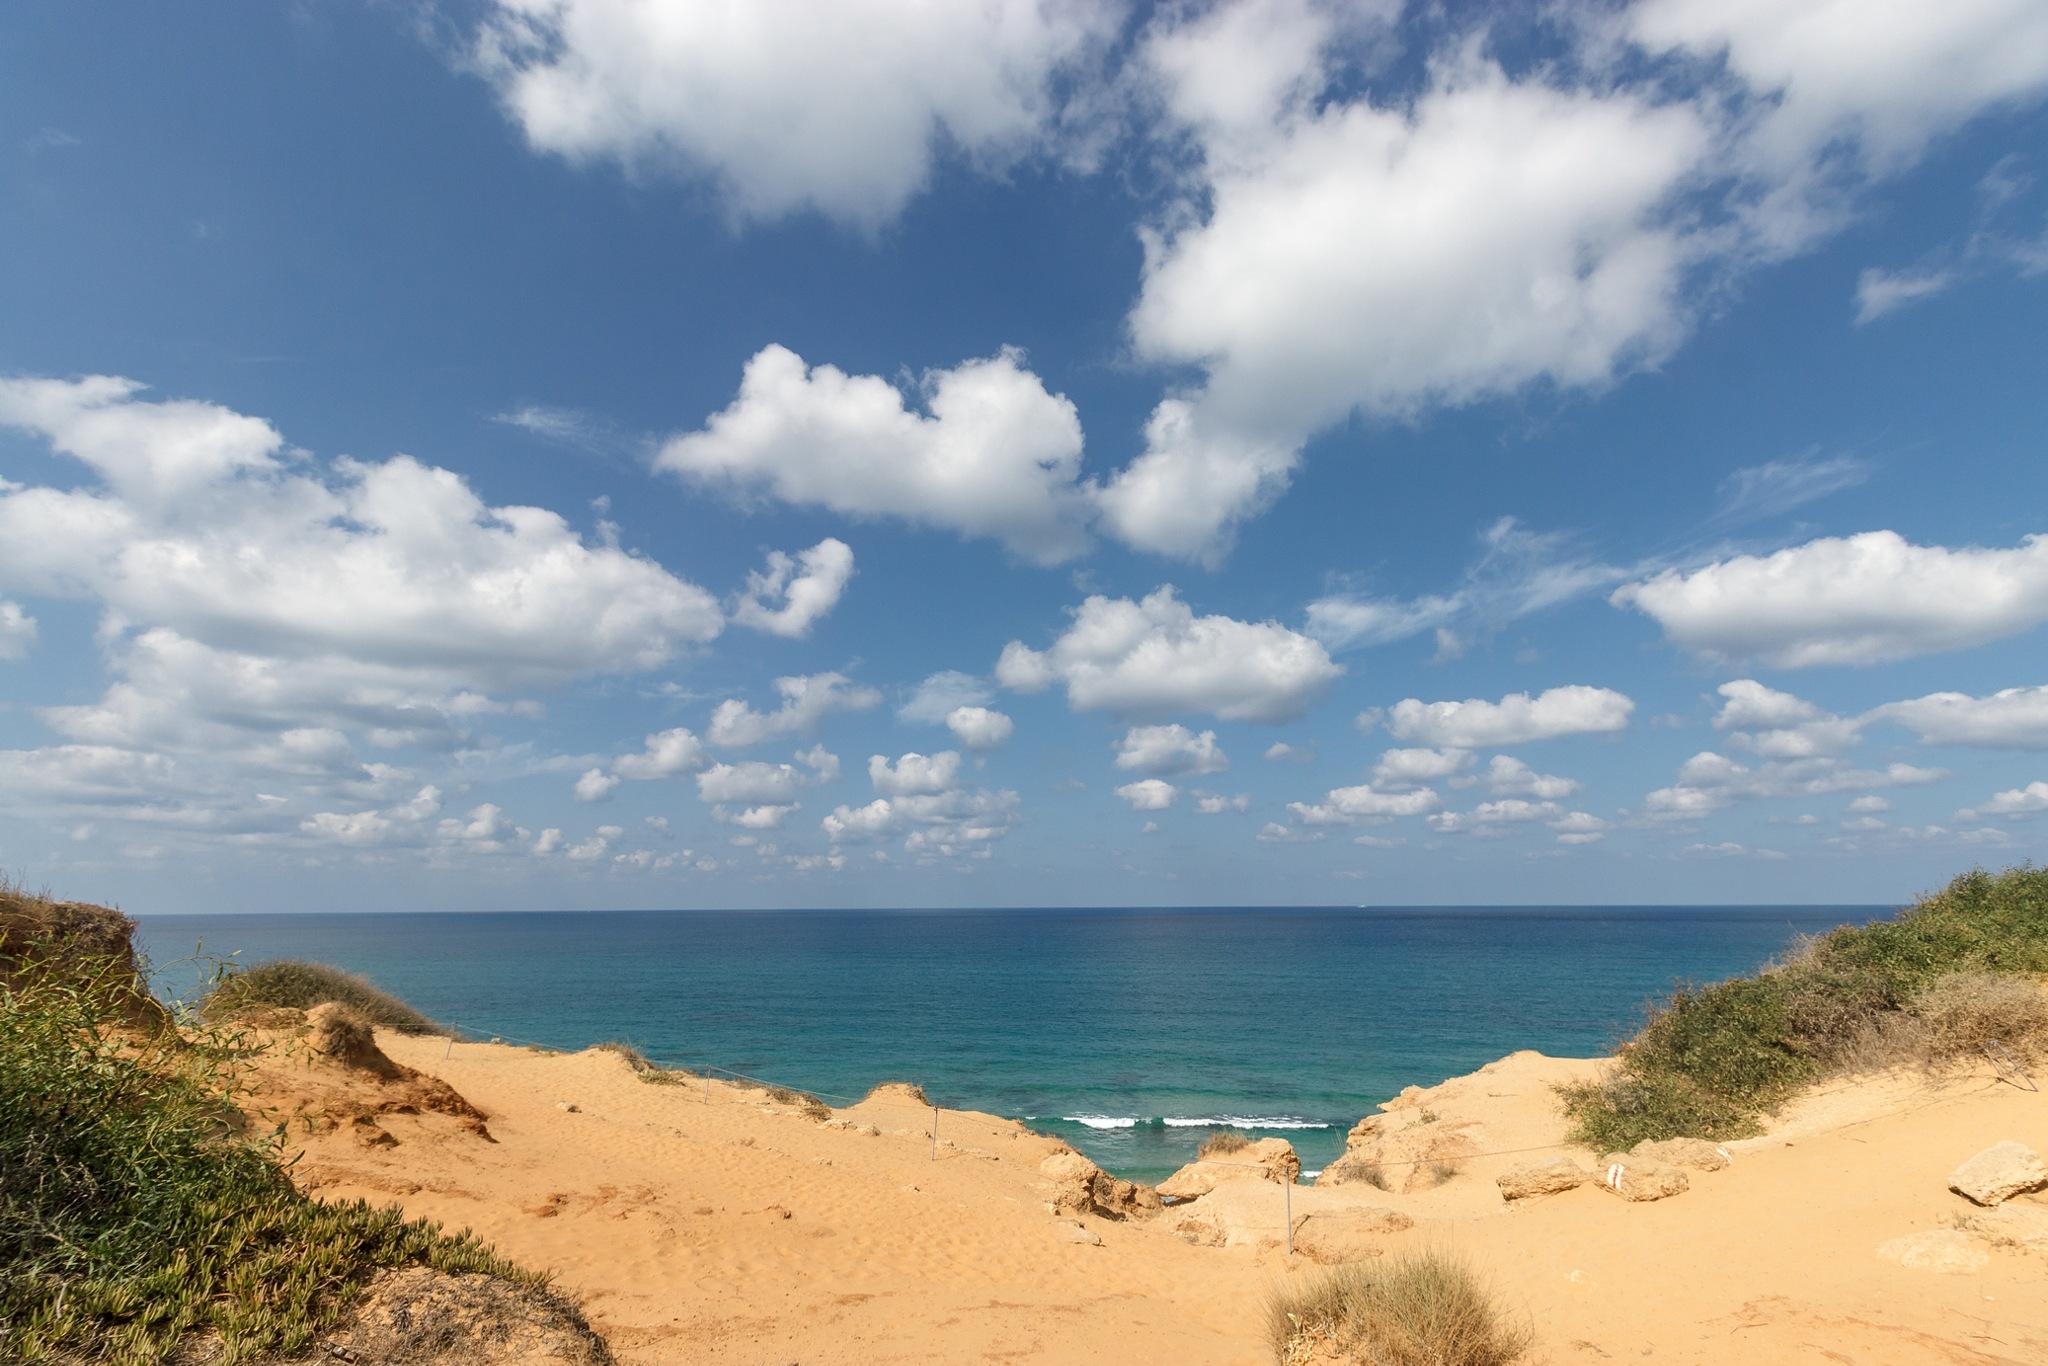 Sea, Clouds, Israel by Anatoly Vinokurov